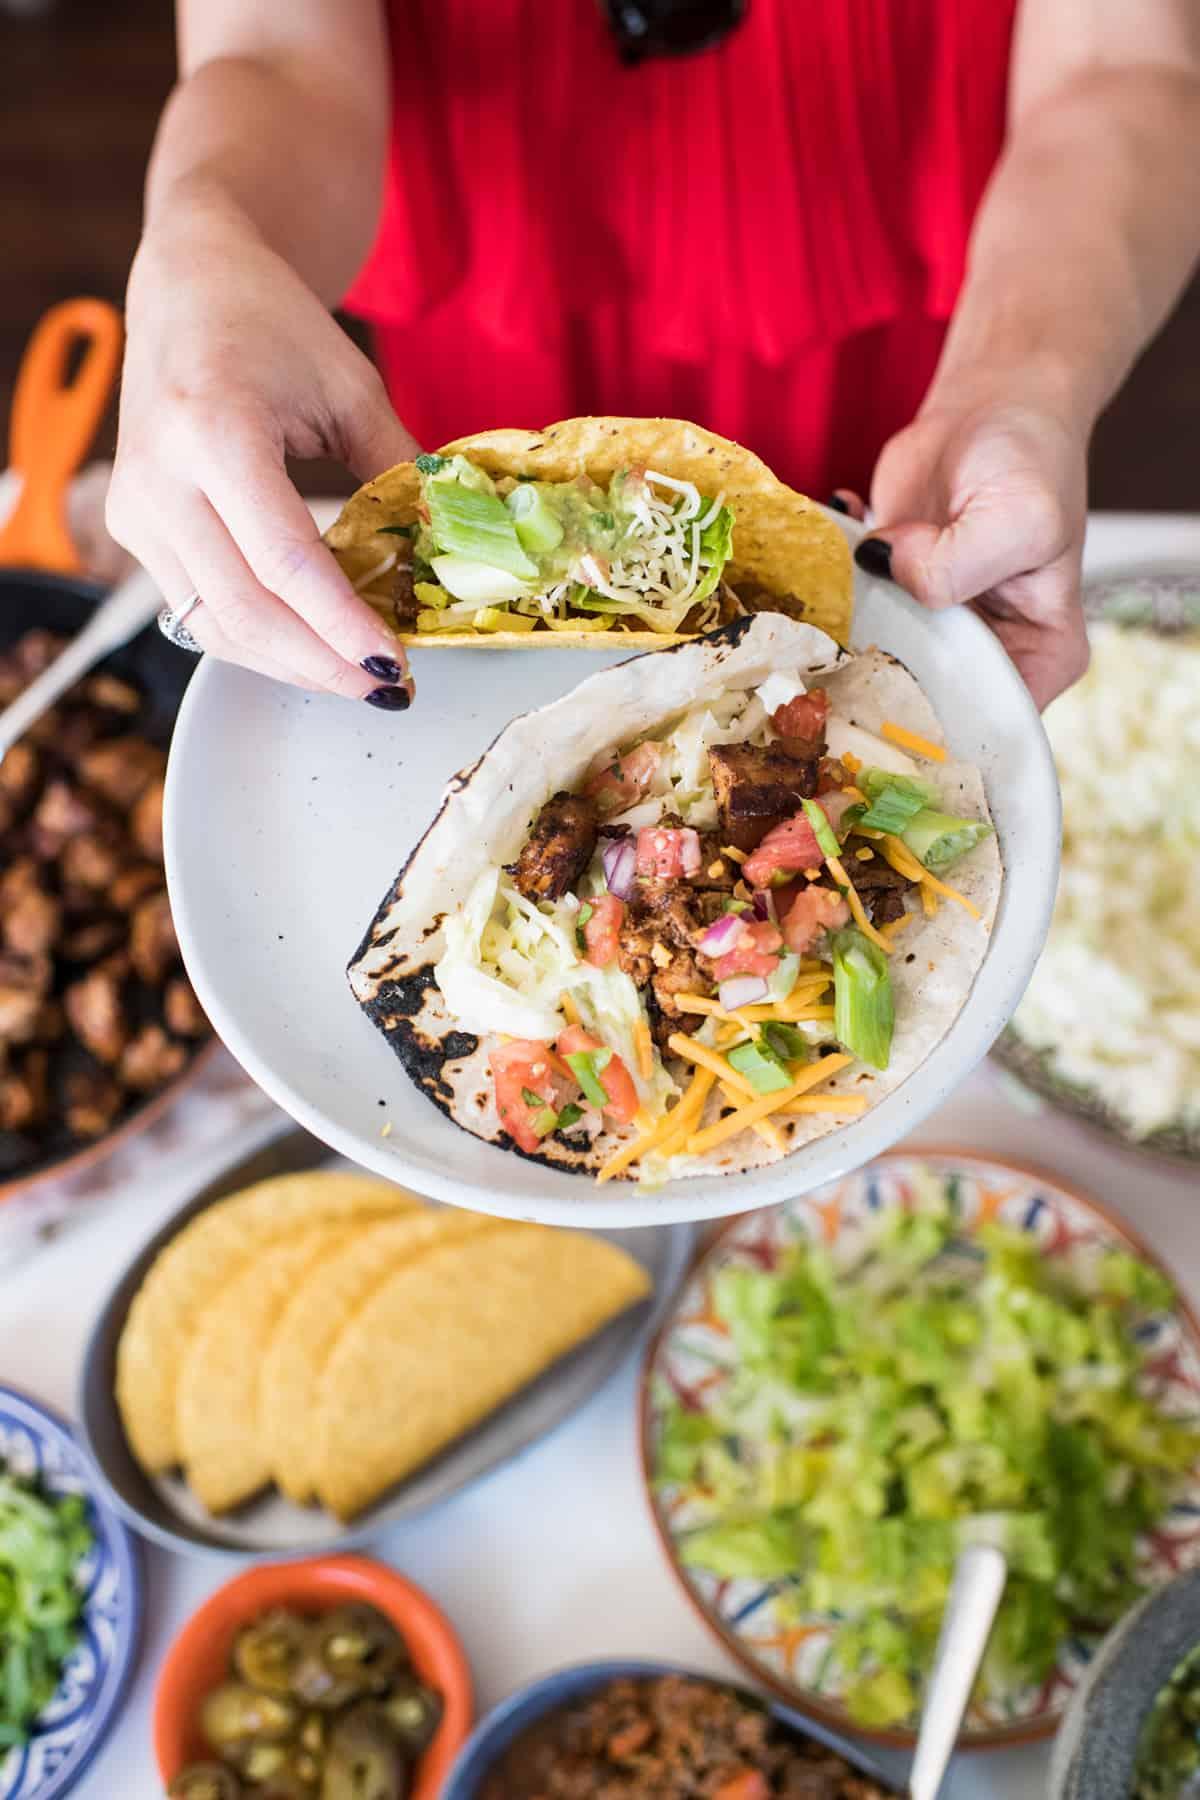 Taco bar ideas and spread on table